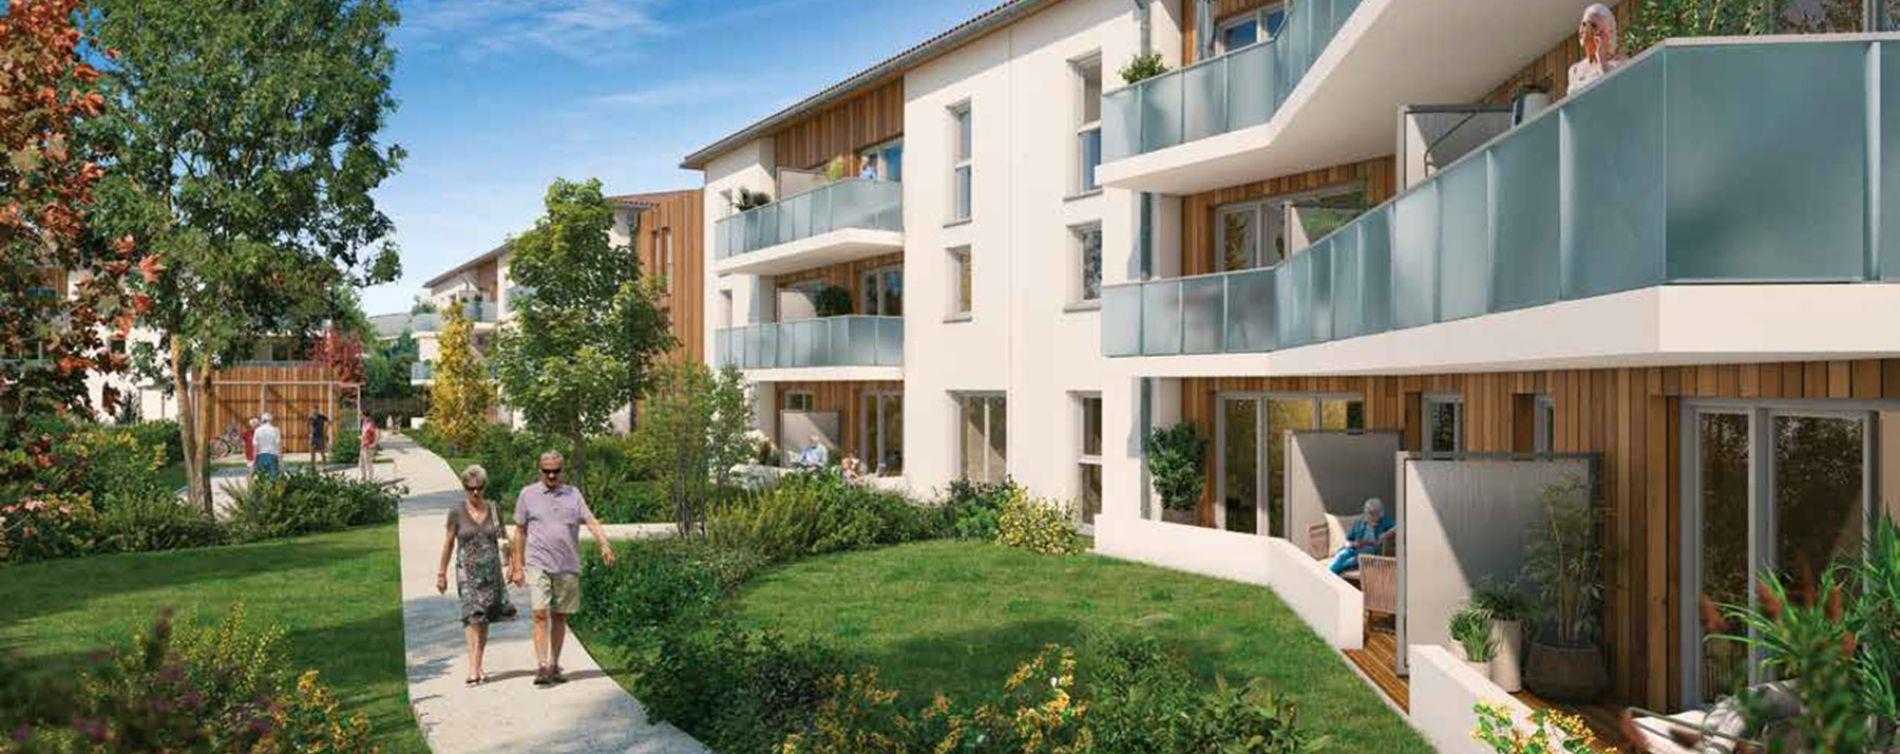 Résidence Villa Serena à Toulouse